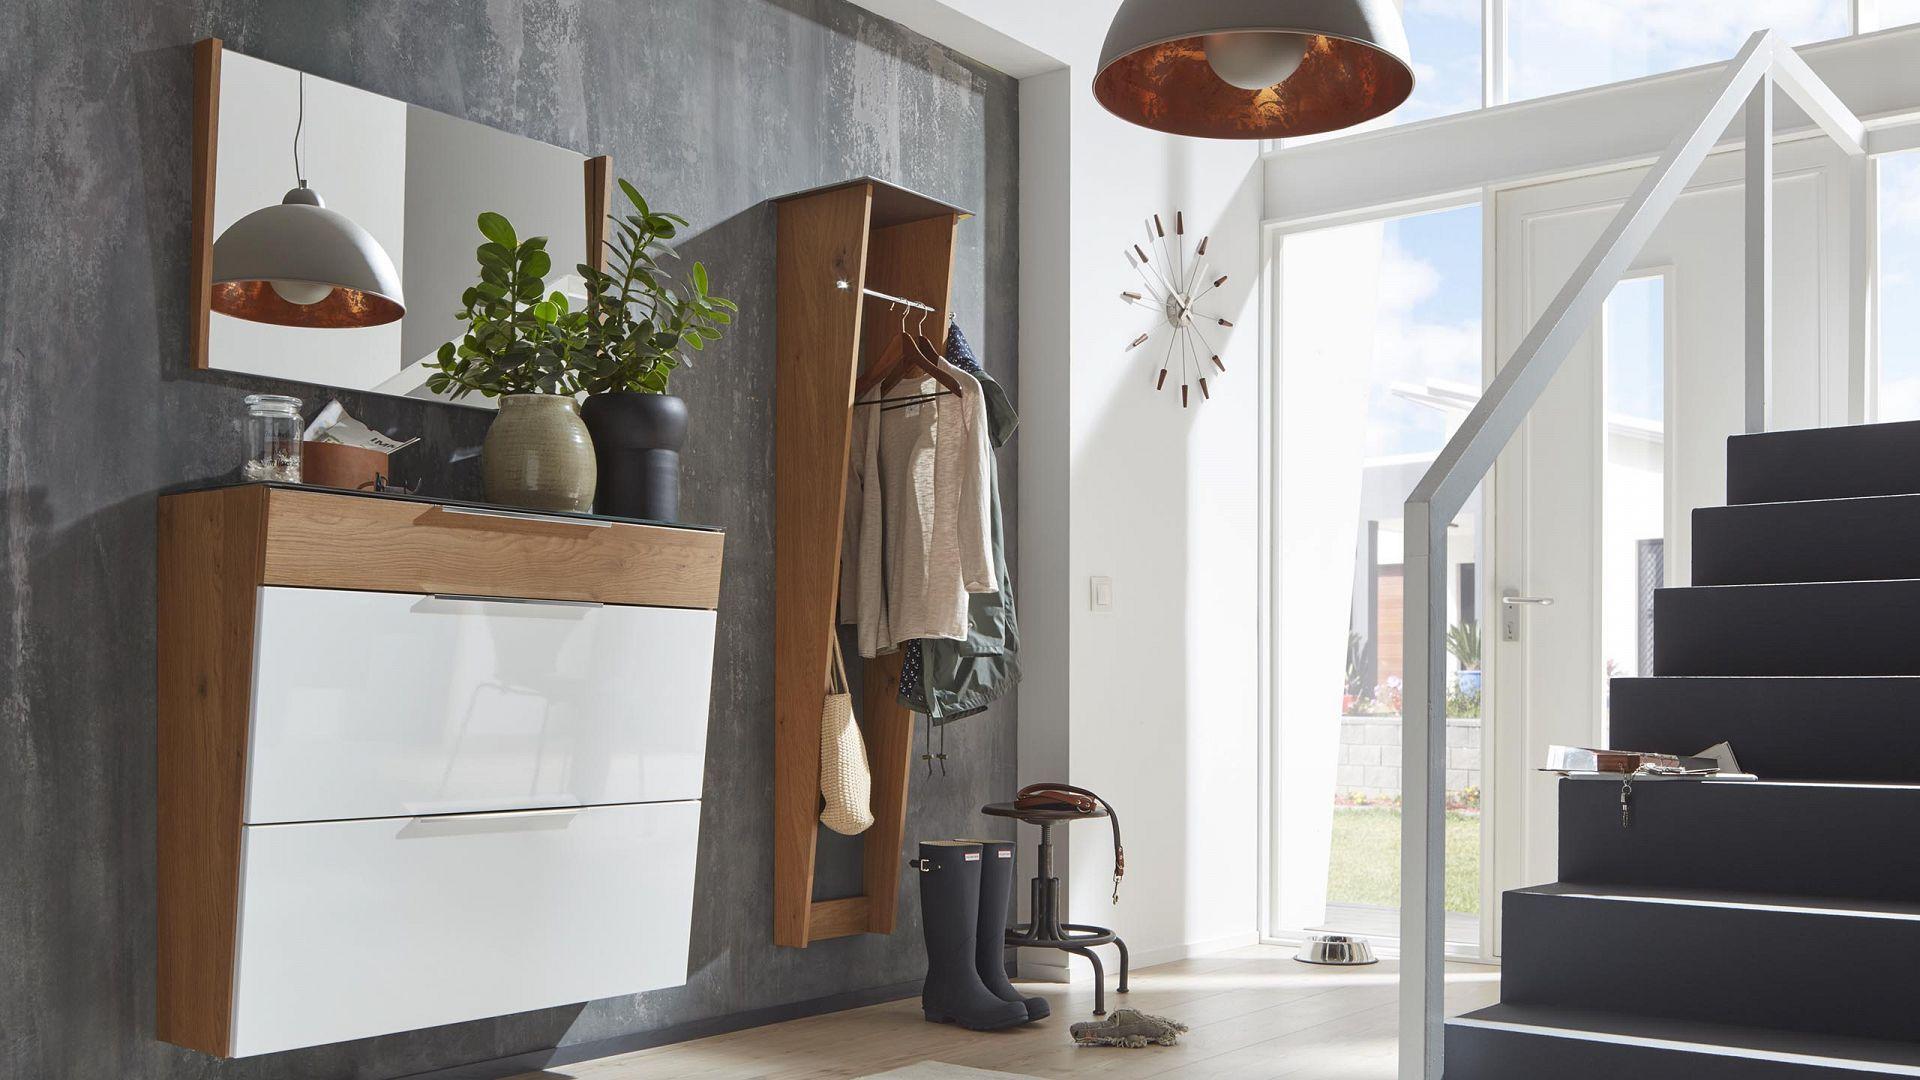 Interliving Garderoben Serie 6001  modern  gnstig  Mbel Schaumann